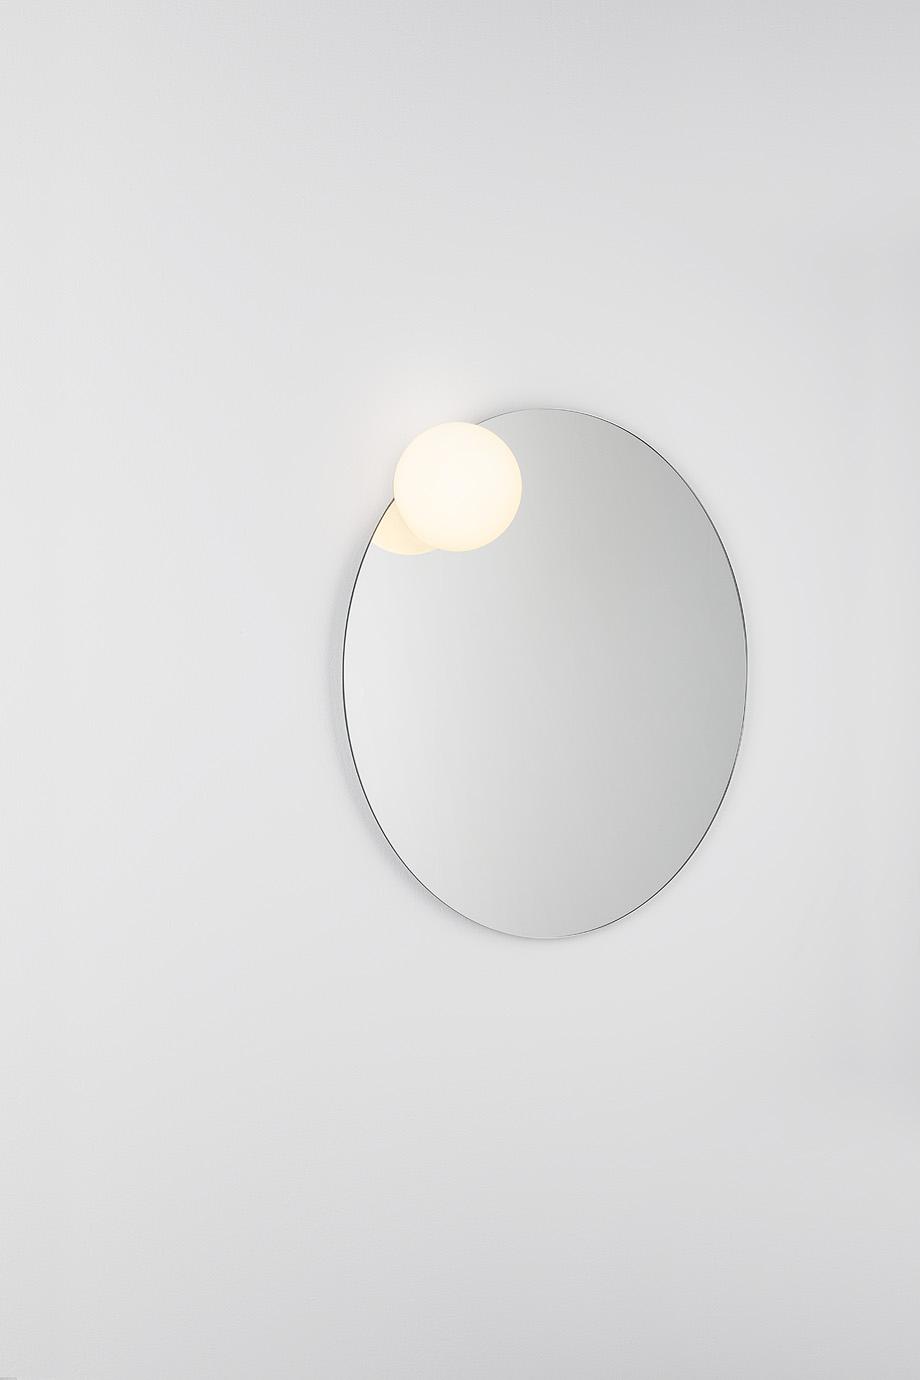 lampara circ de nahtrang para estiluz (11)